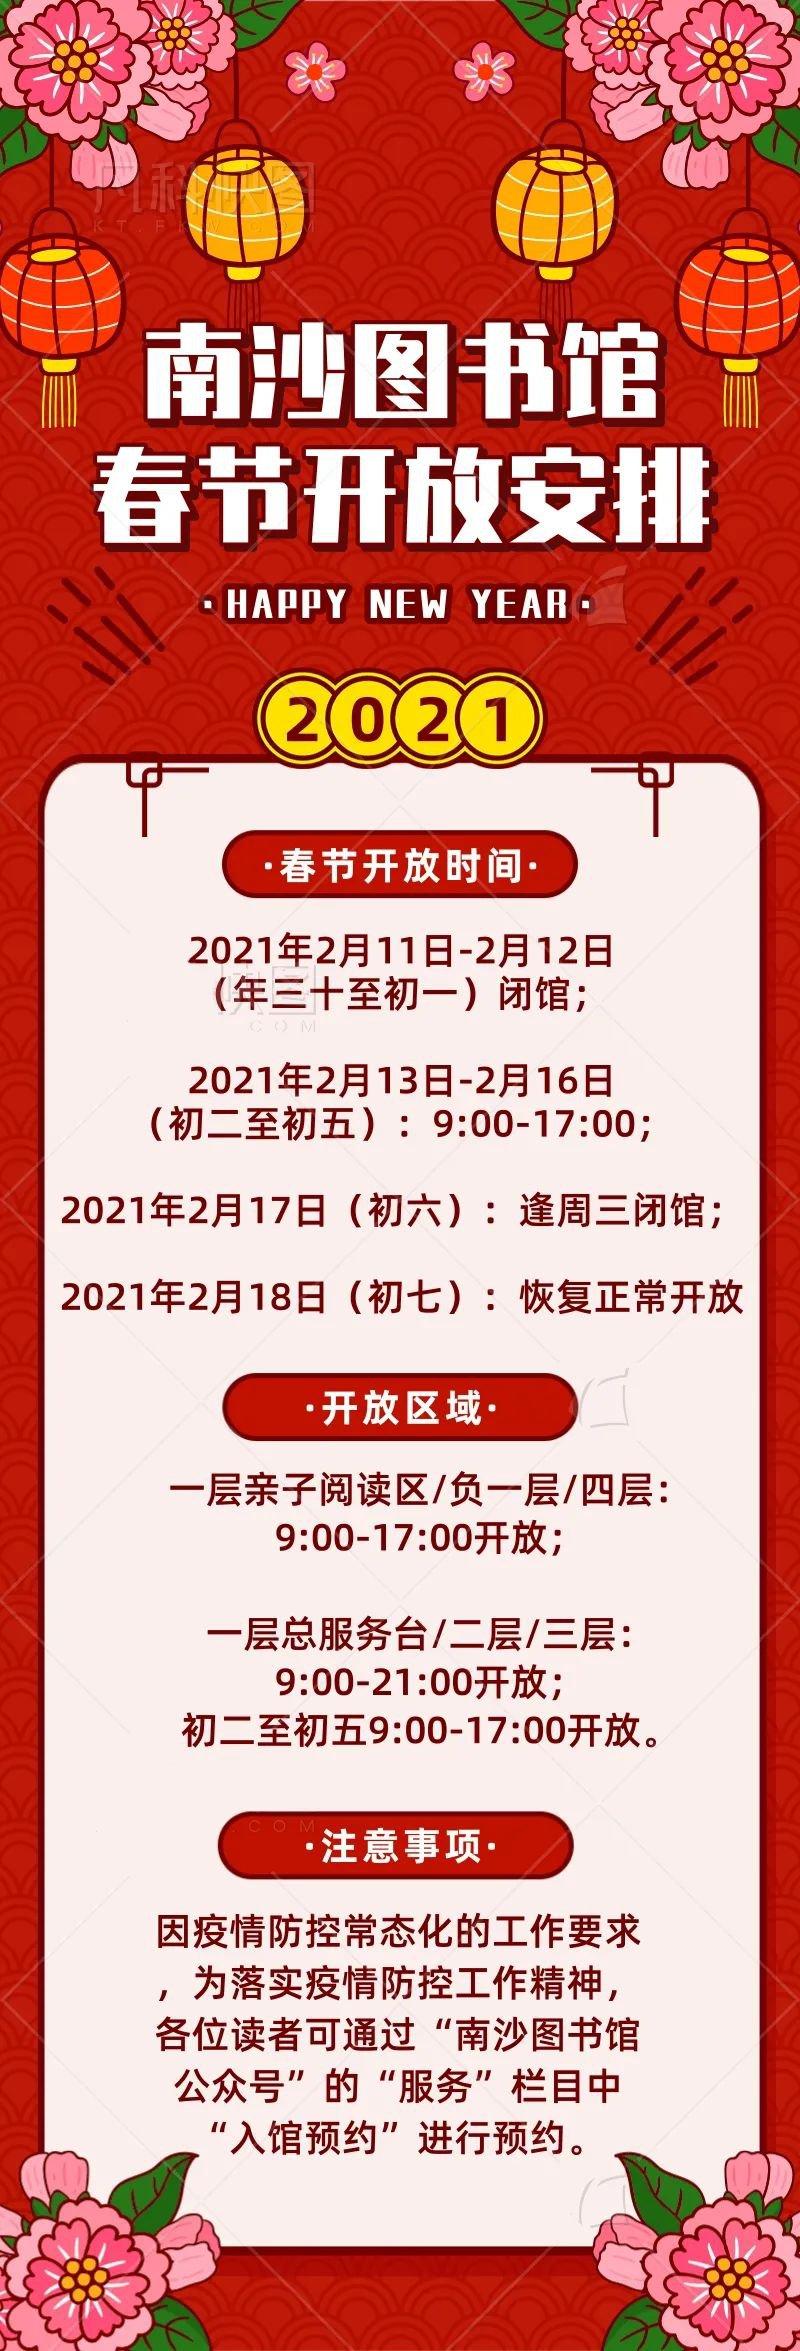 2021春节南沙灯光秀每天表演时间(具体时间+场数)